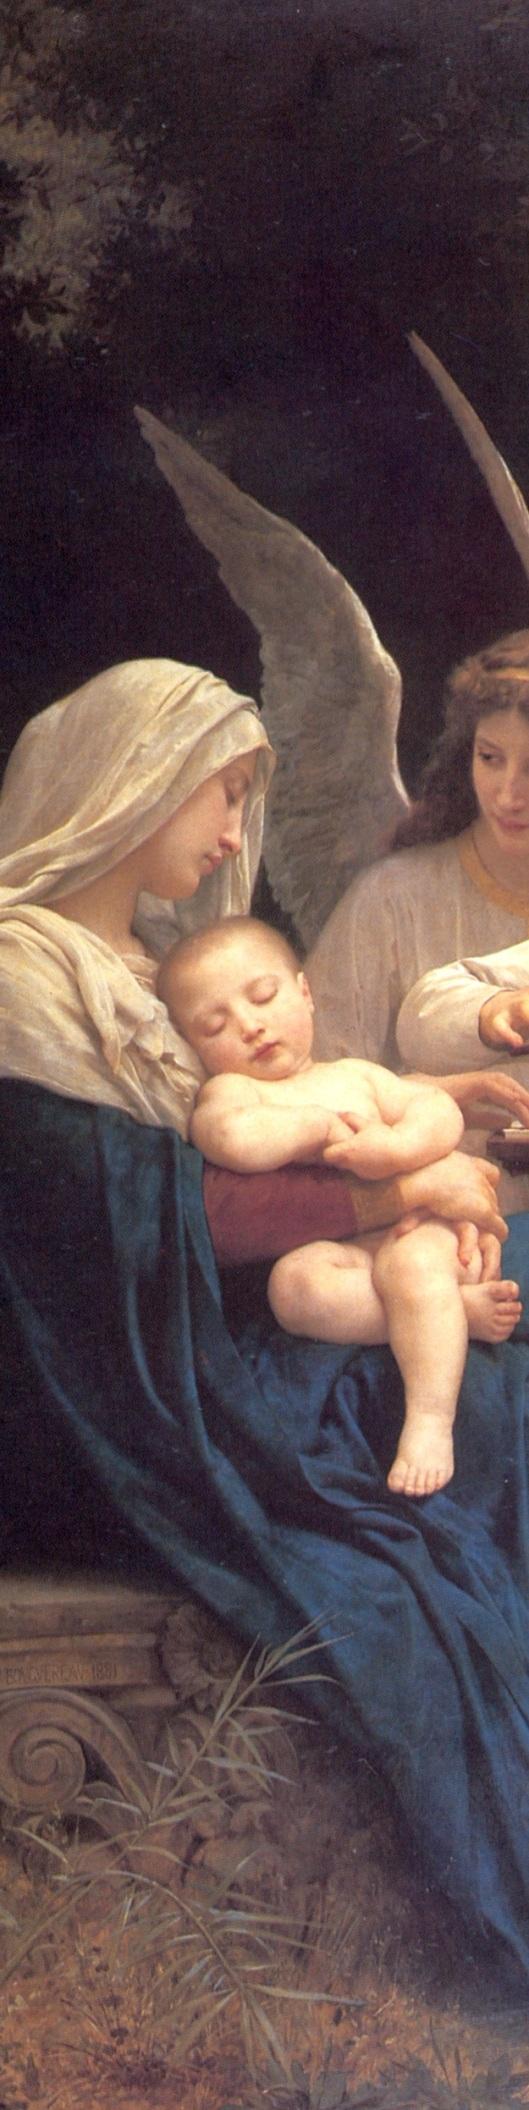 La Virgen rodeada de ángeles - detalle5